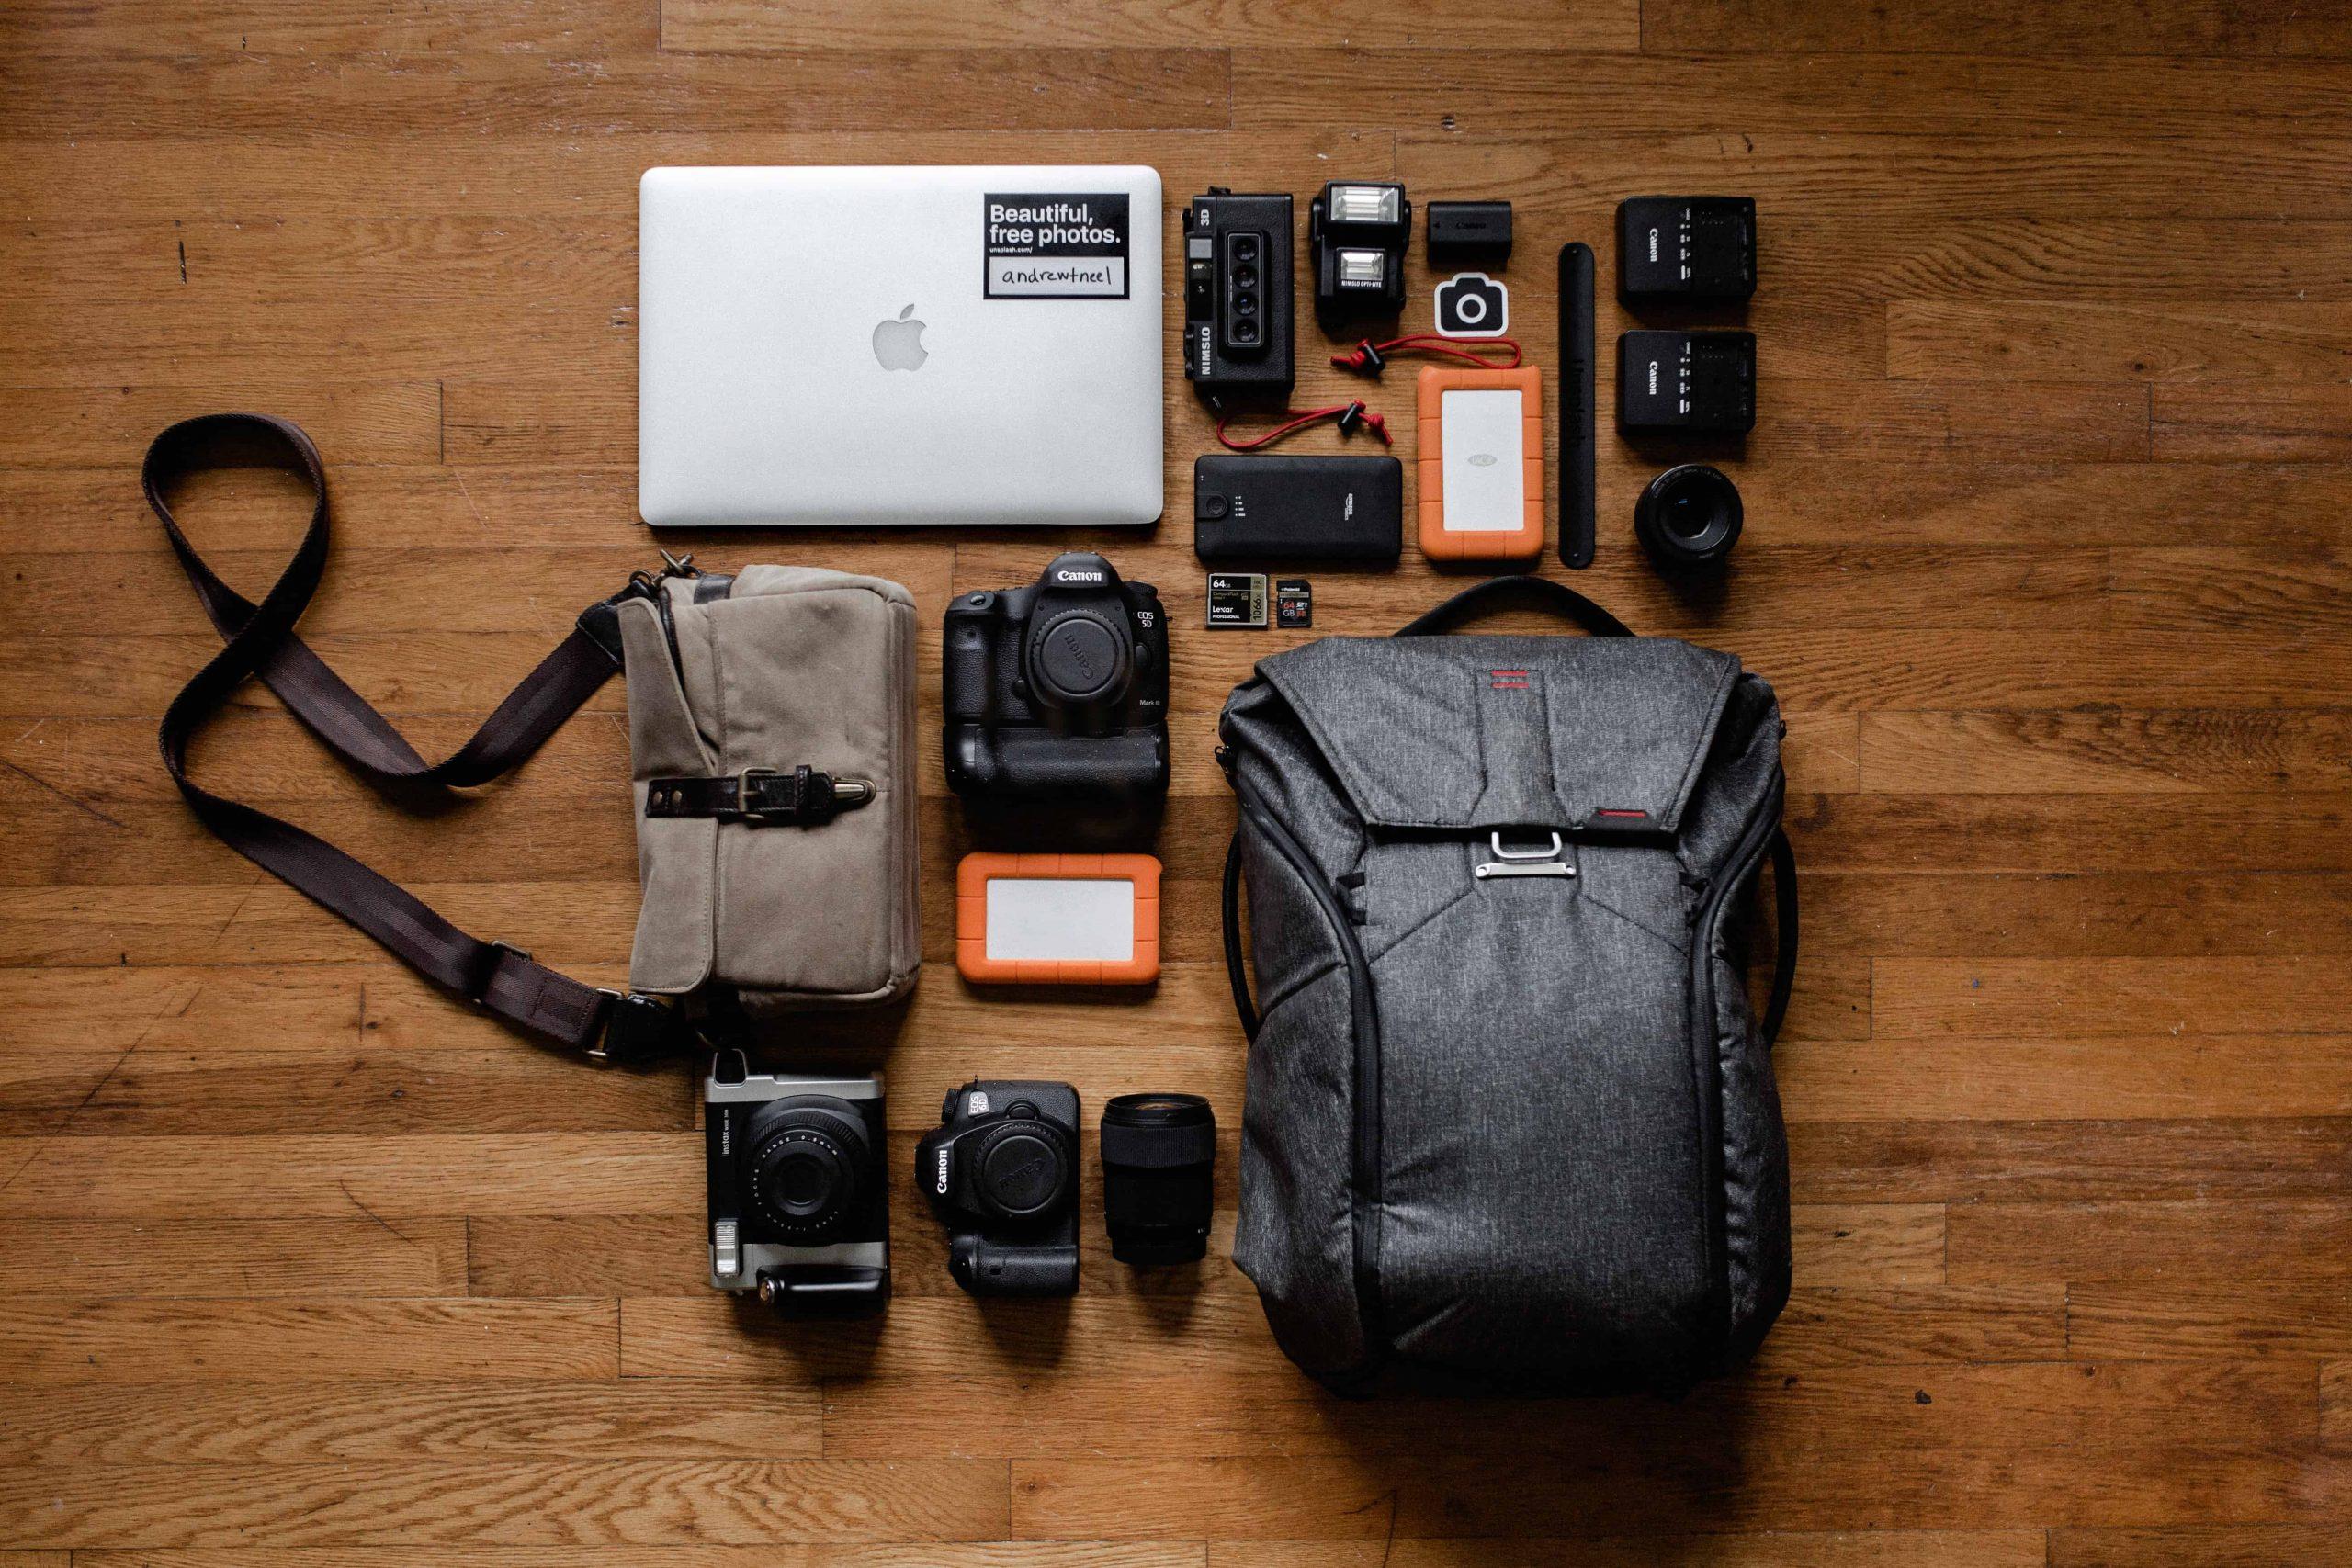 Câmera, notebook e outros equipamentos sobre mesa.